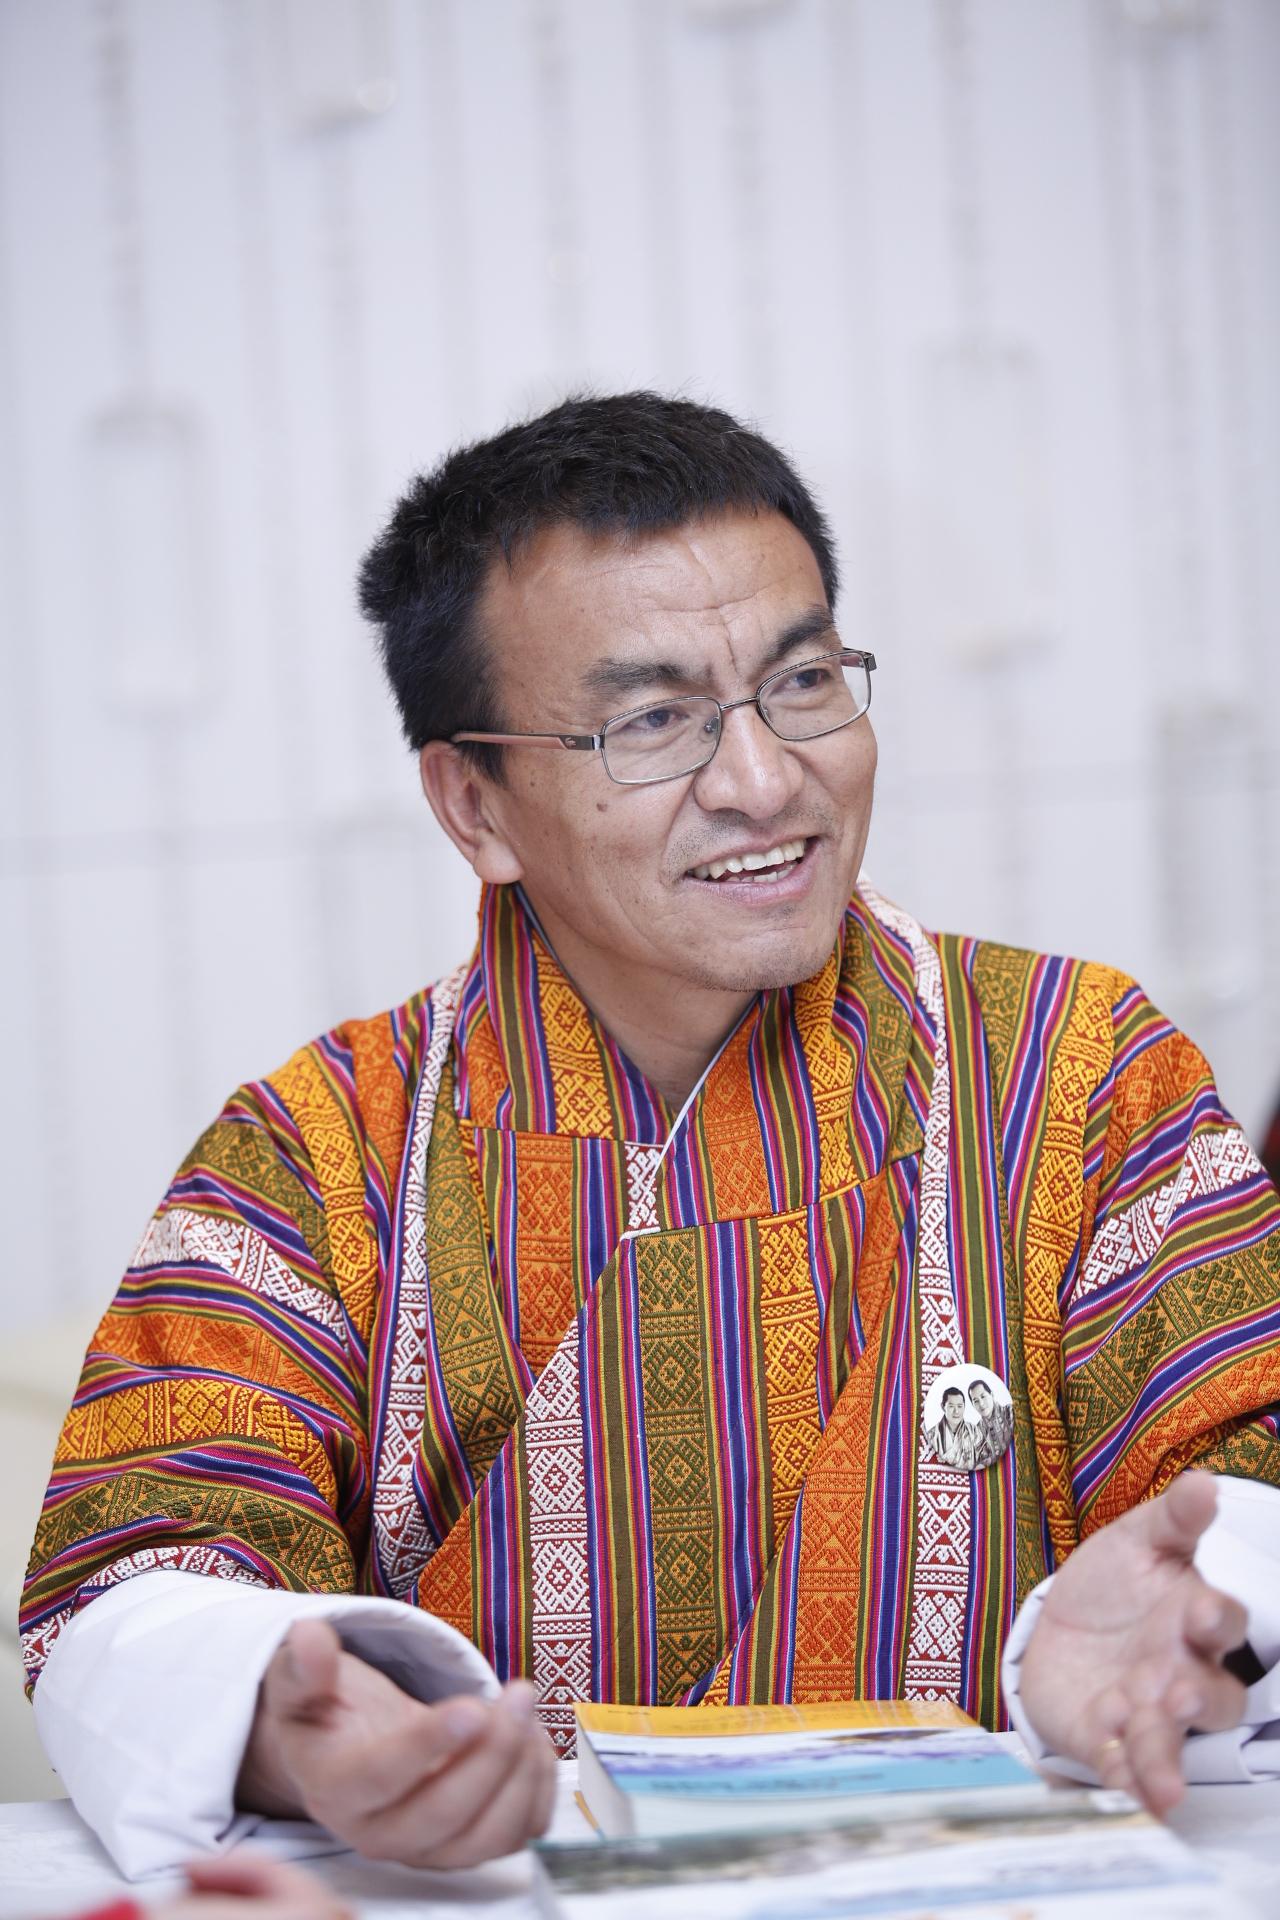 부탄 경제장관 겸 관광위원회 부위원장 레이키 도르지.